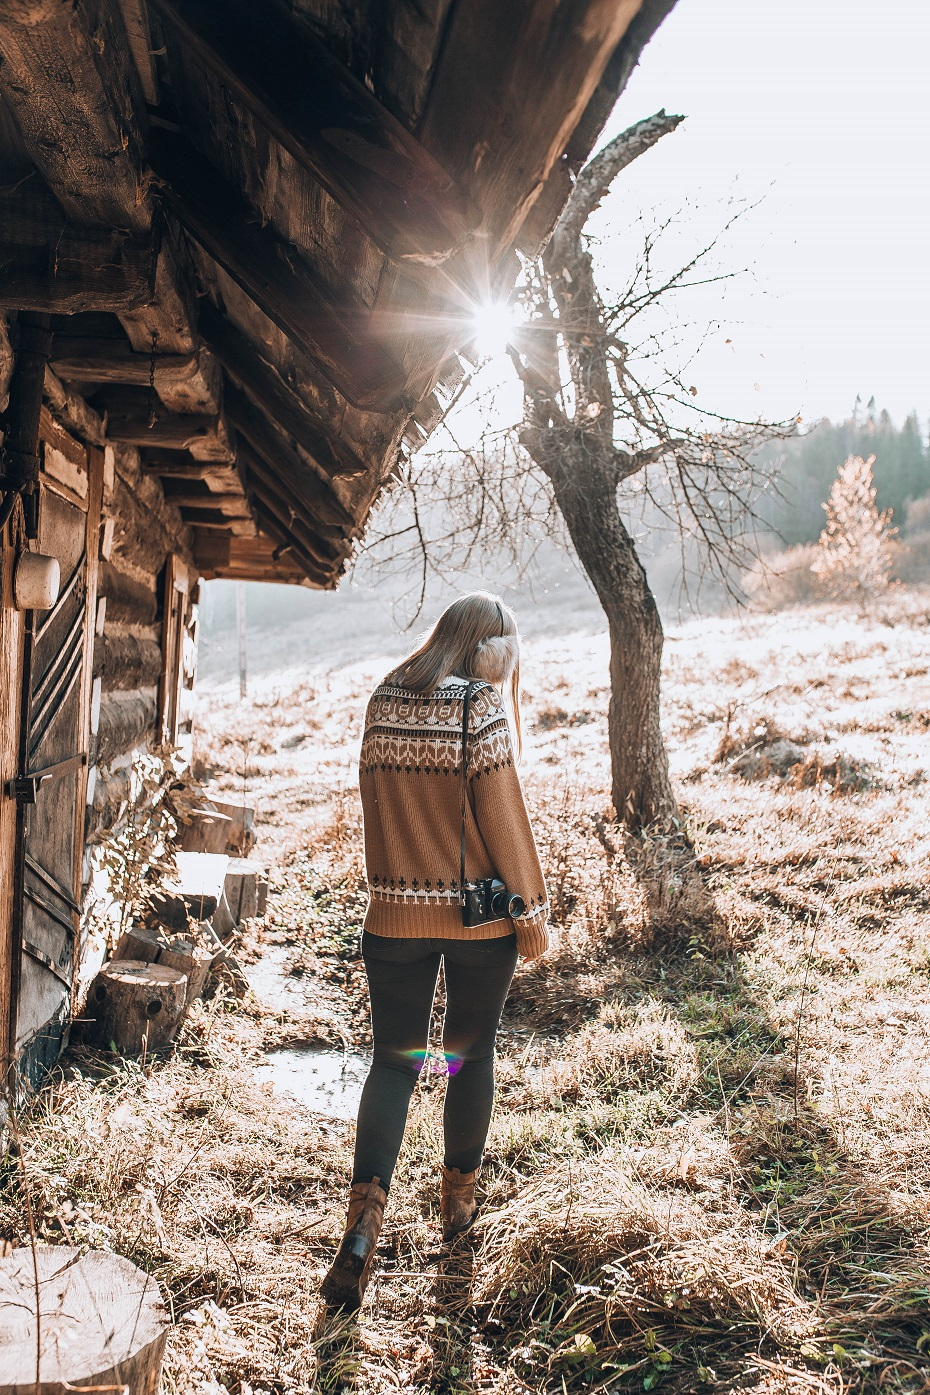 Ciekawe miejsca w Beskidach | Telesforówka, Trzy Kopce Wiślańskie